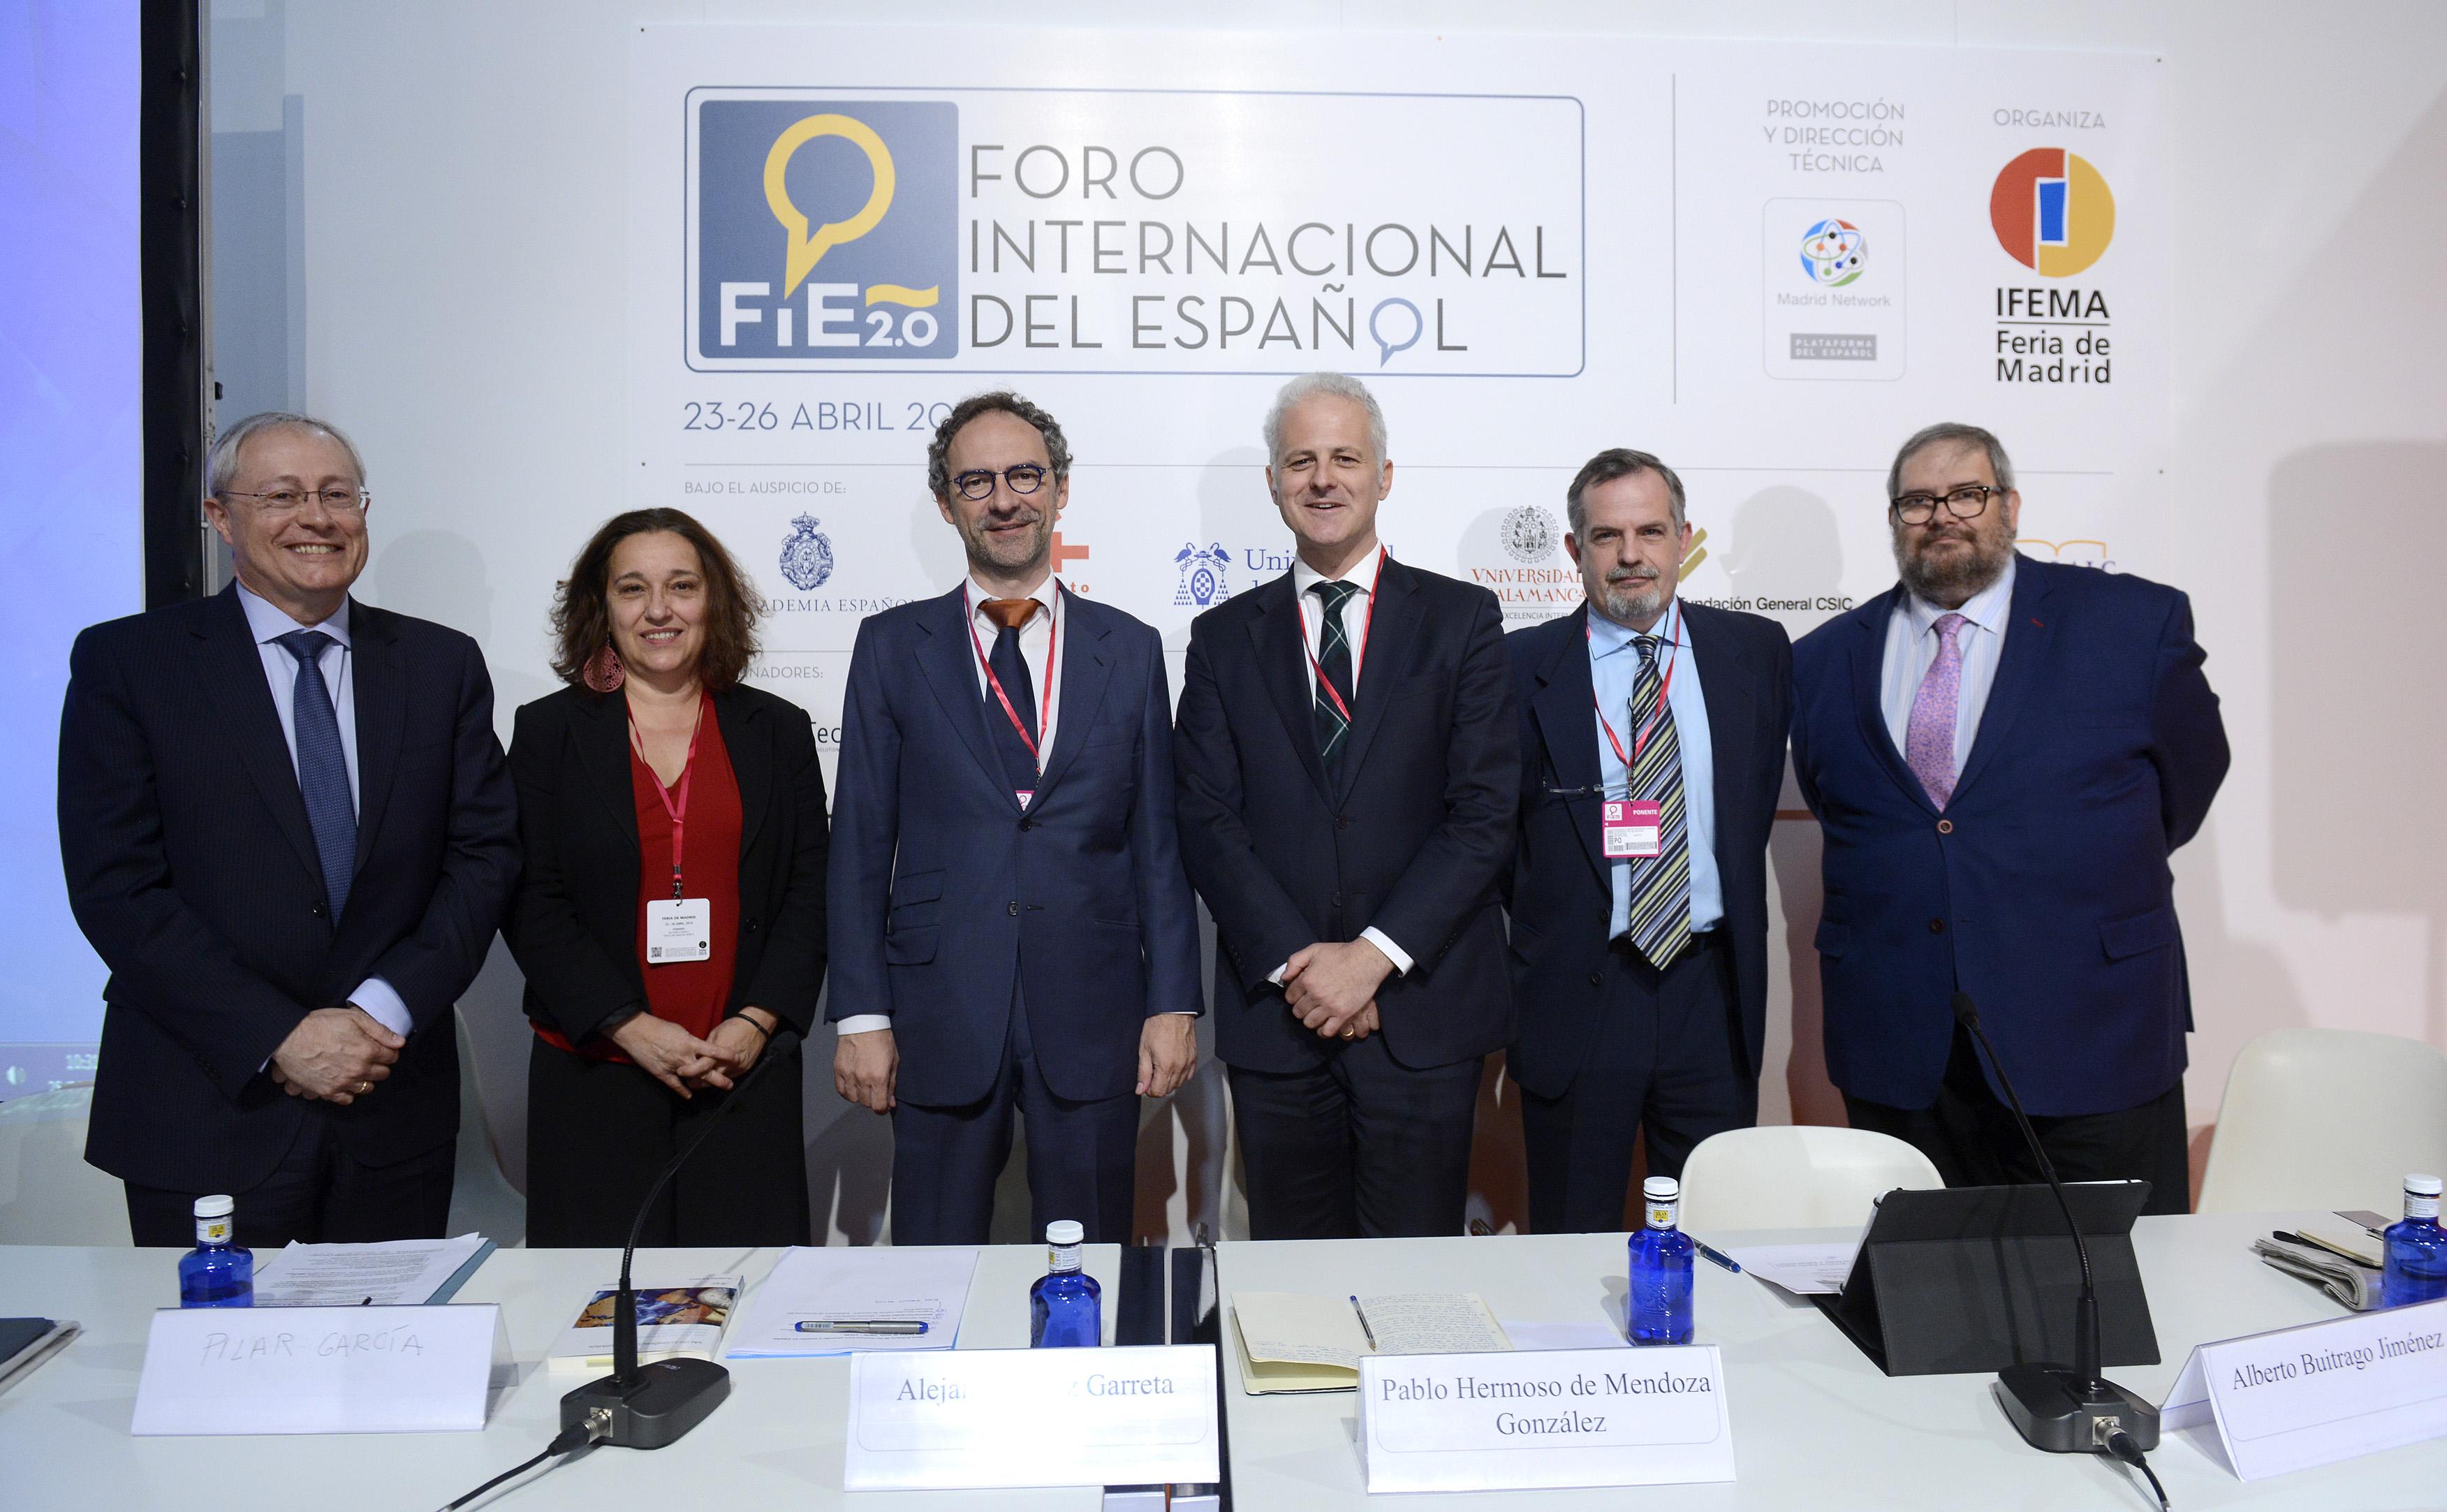 Cursos Internacionales aporta su experiencia pedagógica para le enseñanza del español en el foro Internacional del Español